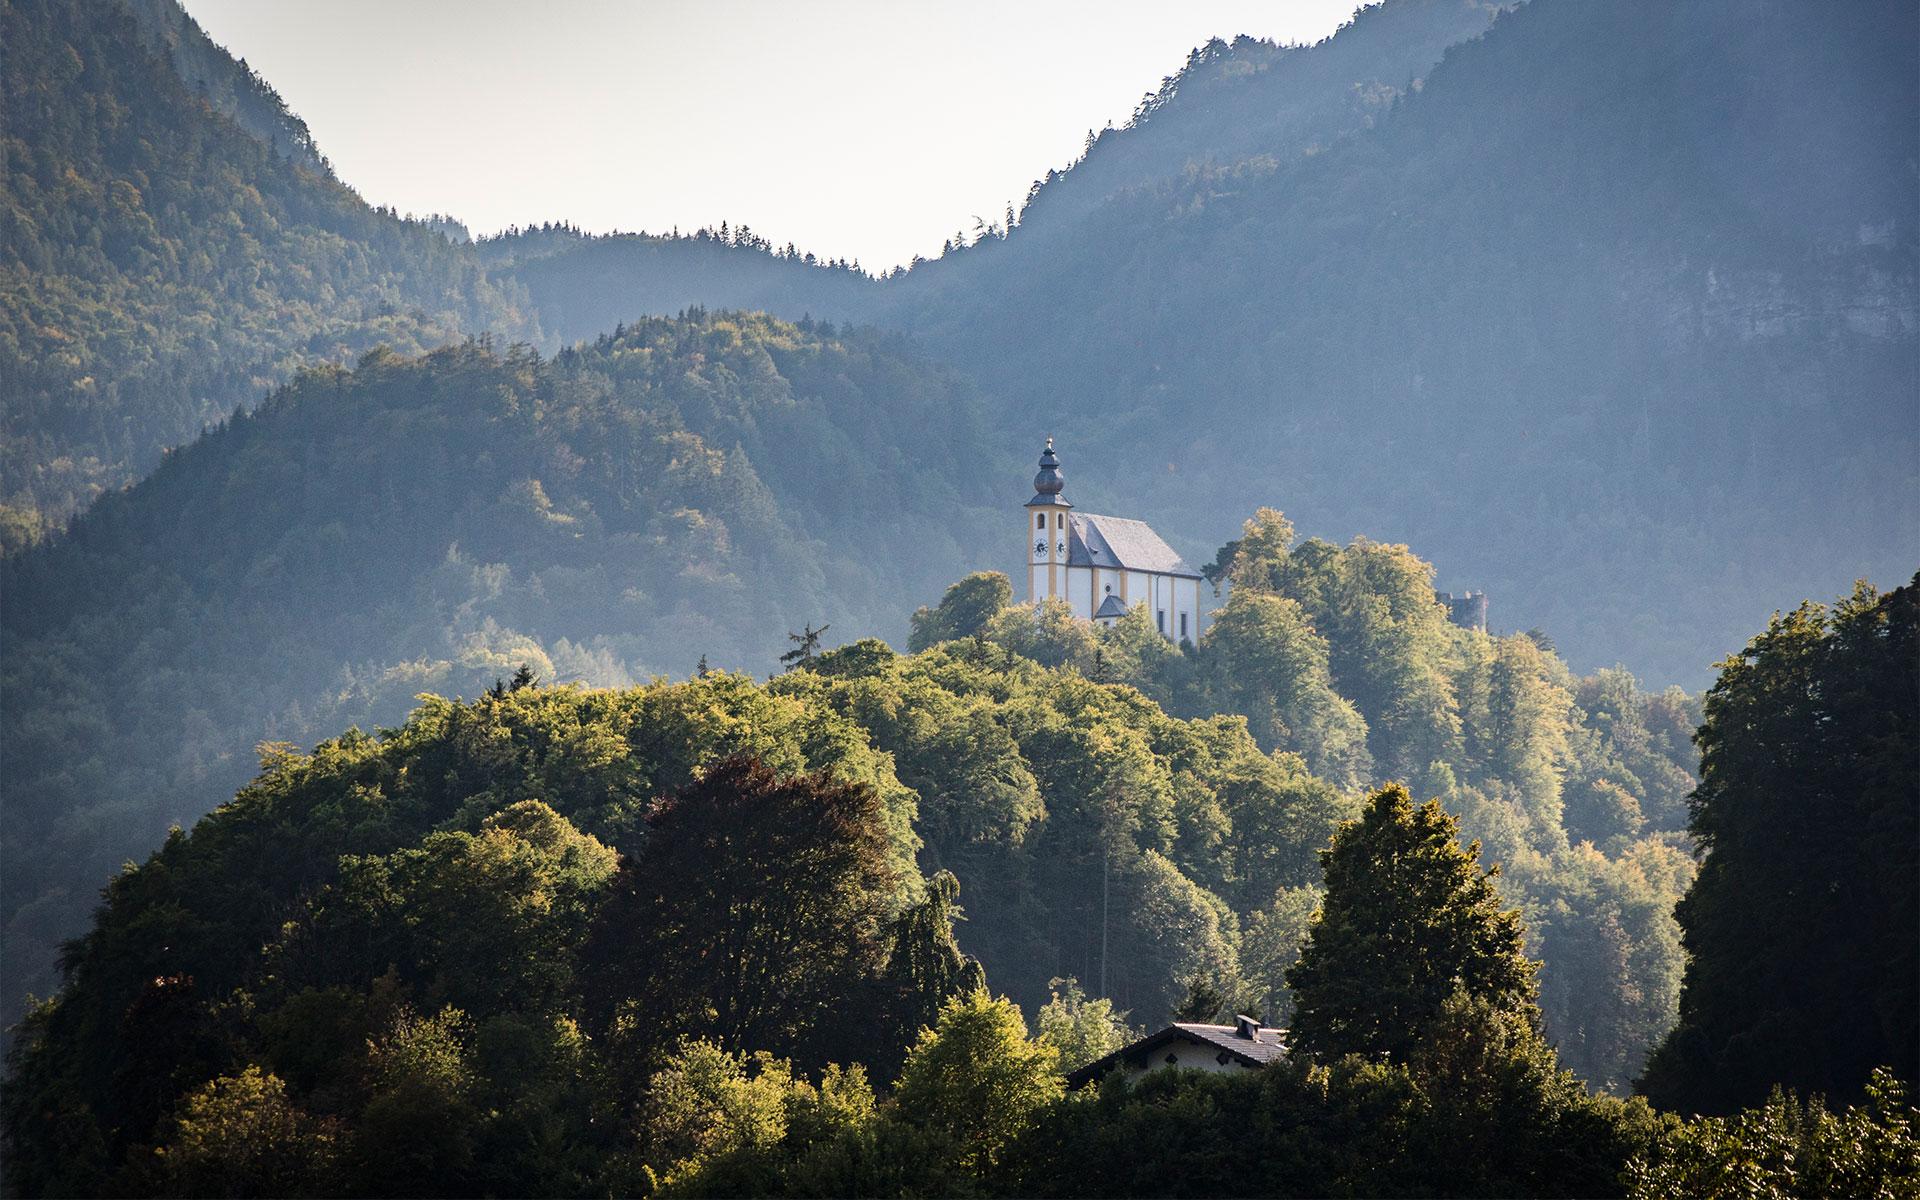 Pfarr Und Wallfahrtskirche St 17